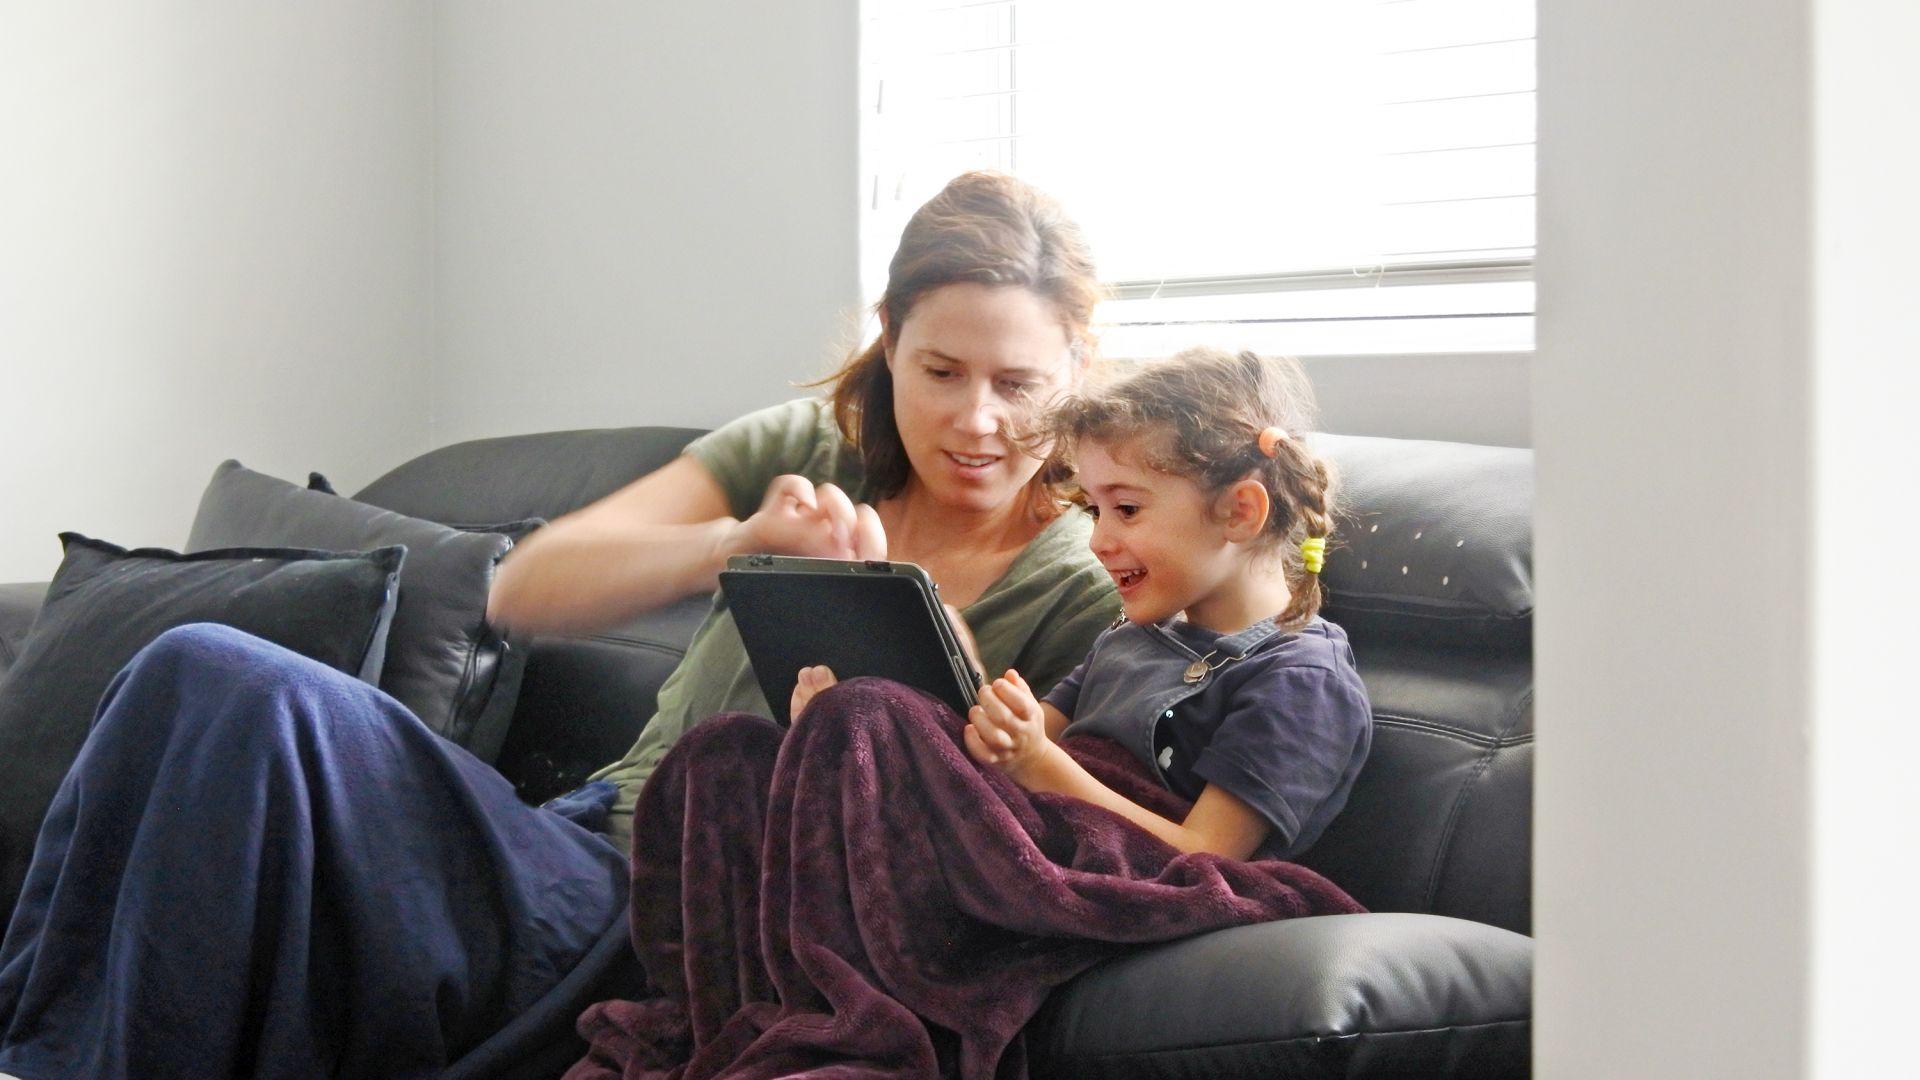 Малките деца понякога имат нужда от помощ, а за по-големите е добре да не остават сами, за да не